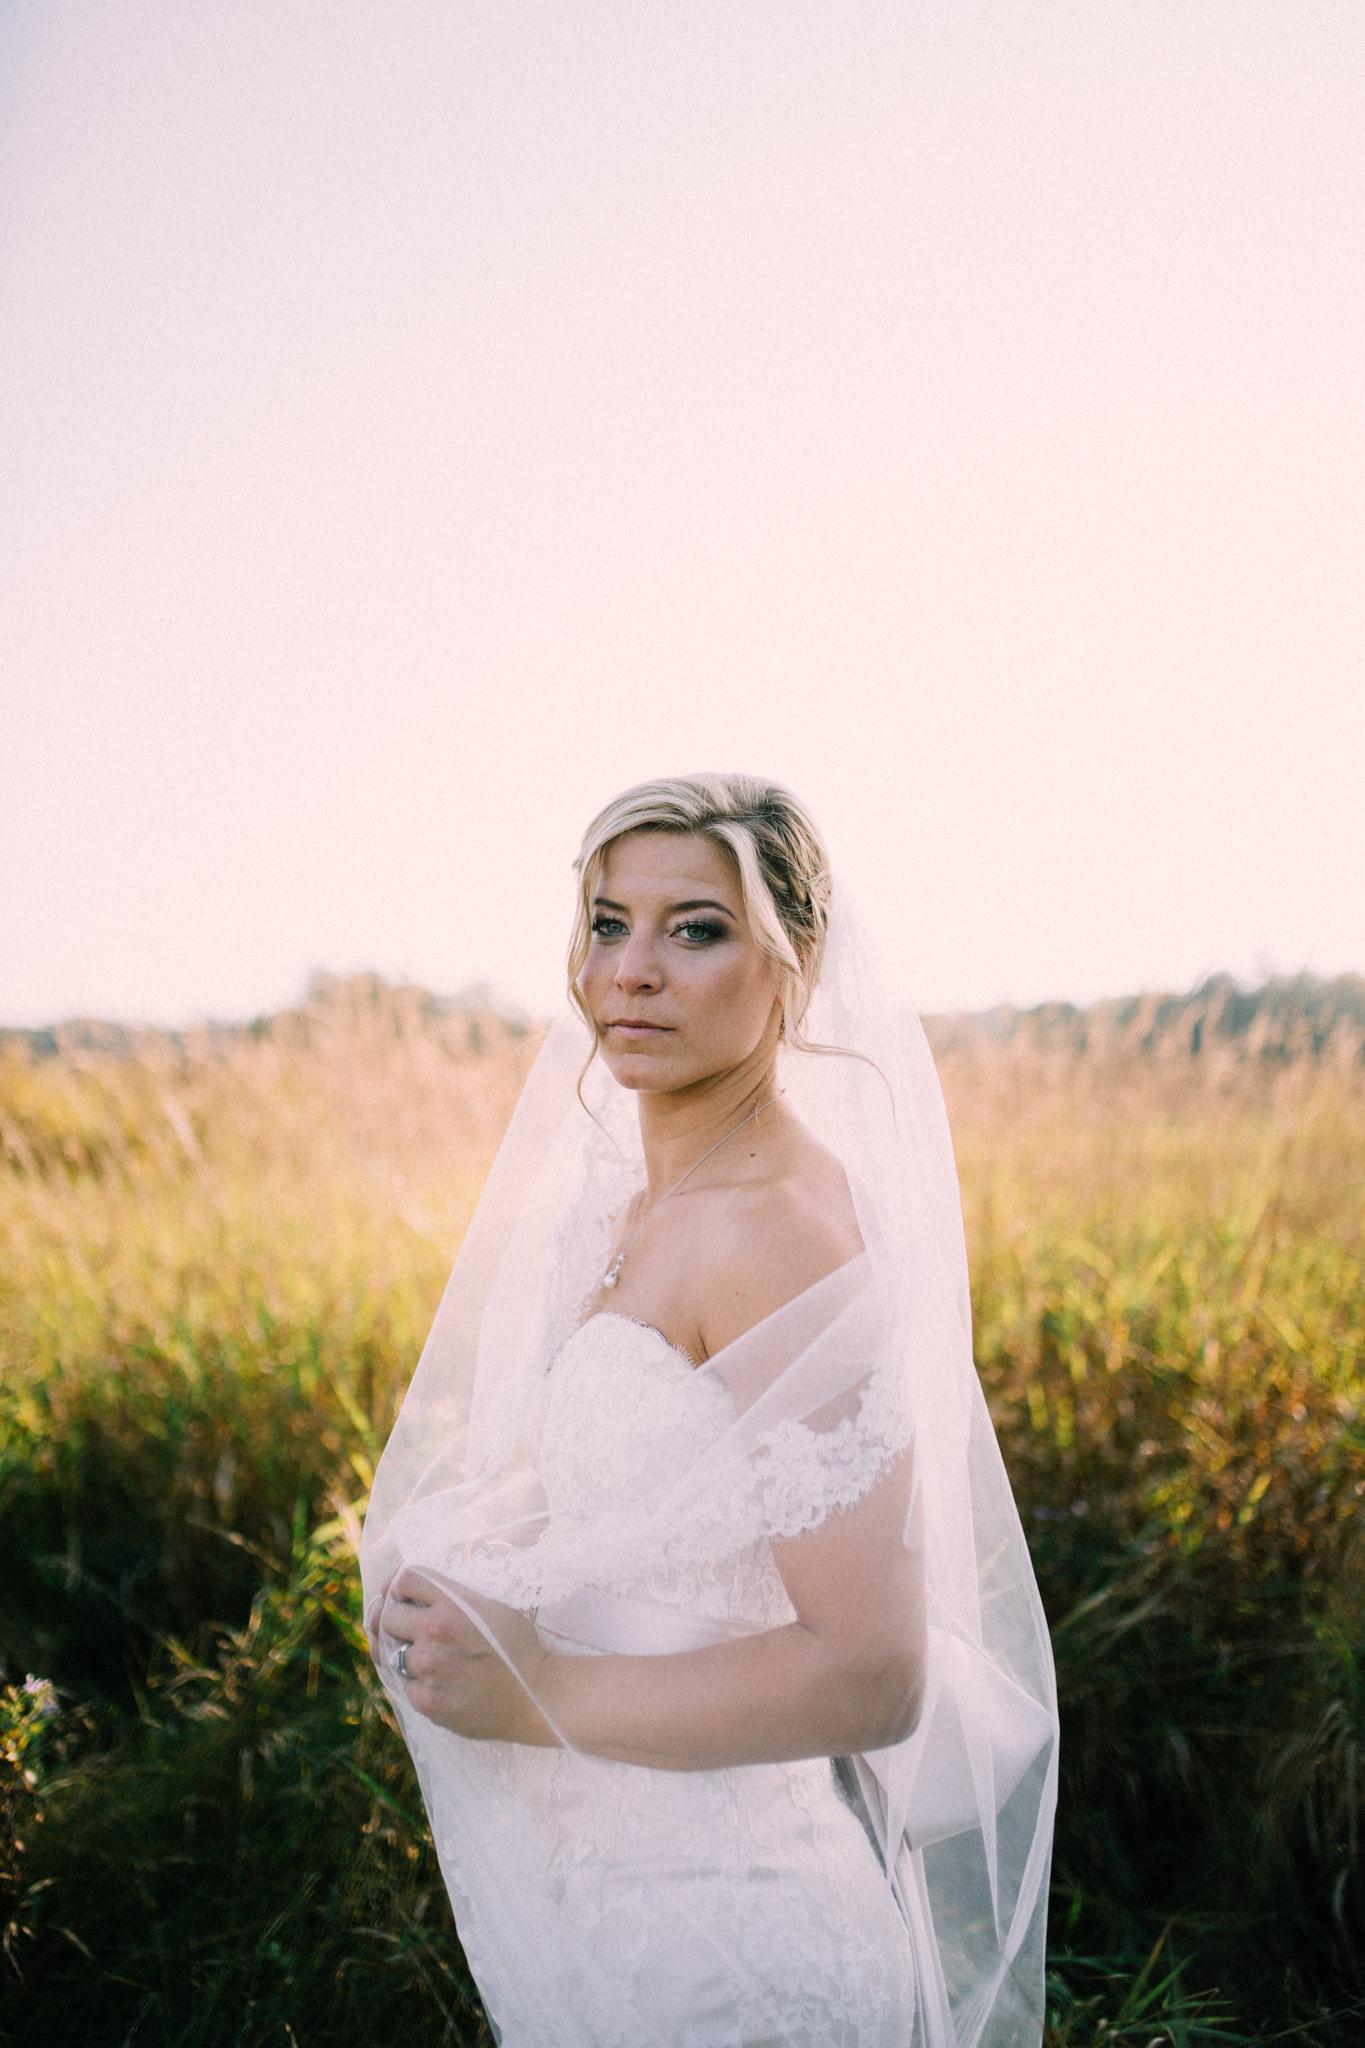 bride looking into camera in a field